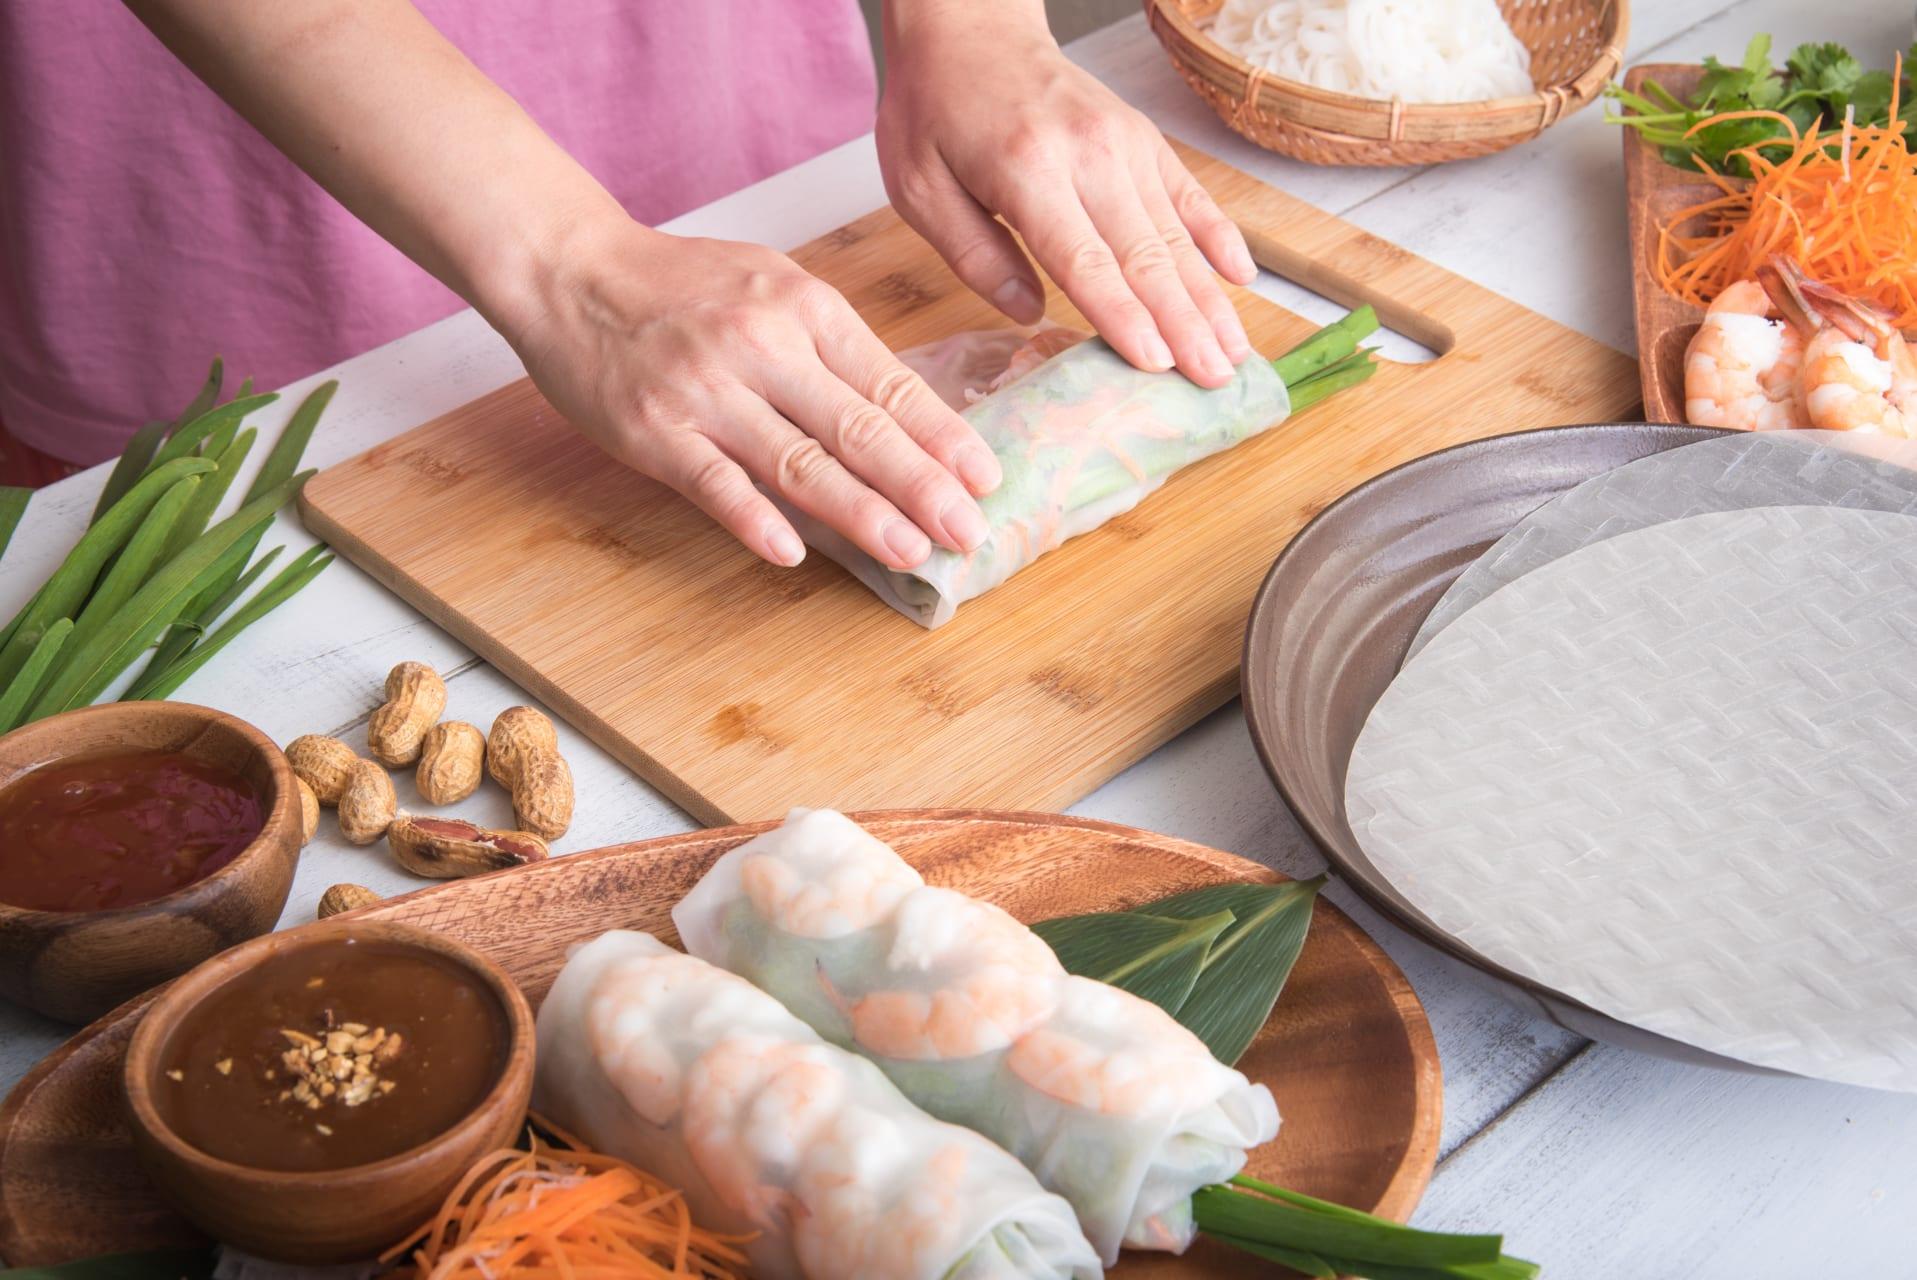 Ho Chi Minh City - Cook With A Vietnamese Mom - Day 1: Gỏi Cuốn & Chân Nấm Xào Lăn (Summer Rolls & Mushroom Curry)